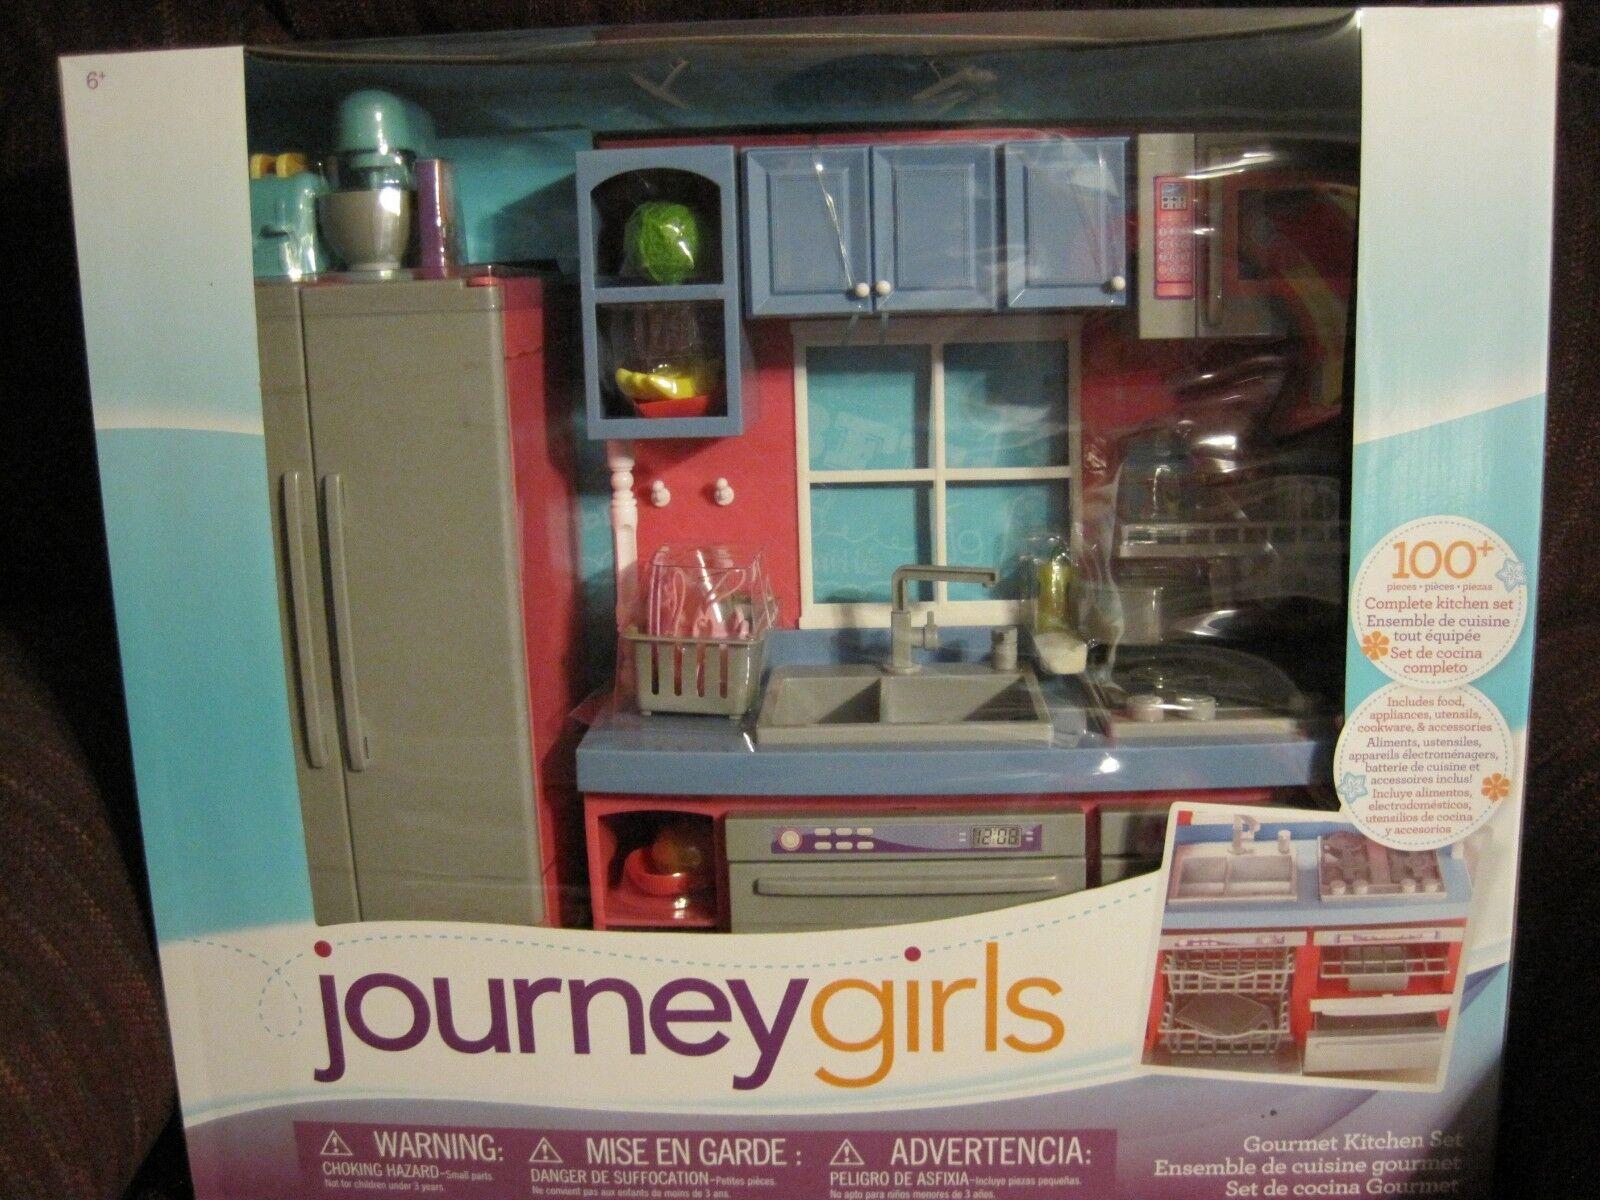 Conjunto Completo De Cocina Gourmet viaje niñas 100+ piezas -- Toys R nosotros -- nuevo -- Sin Abrir